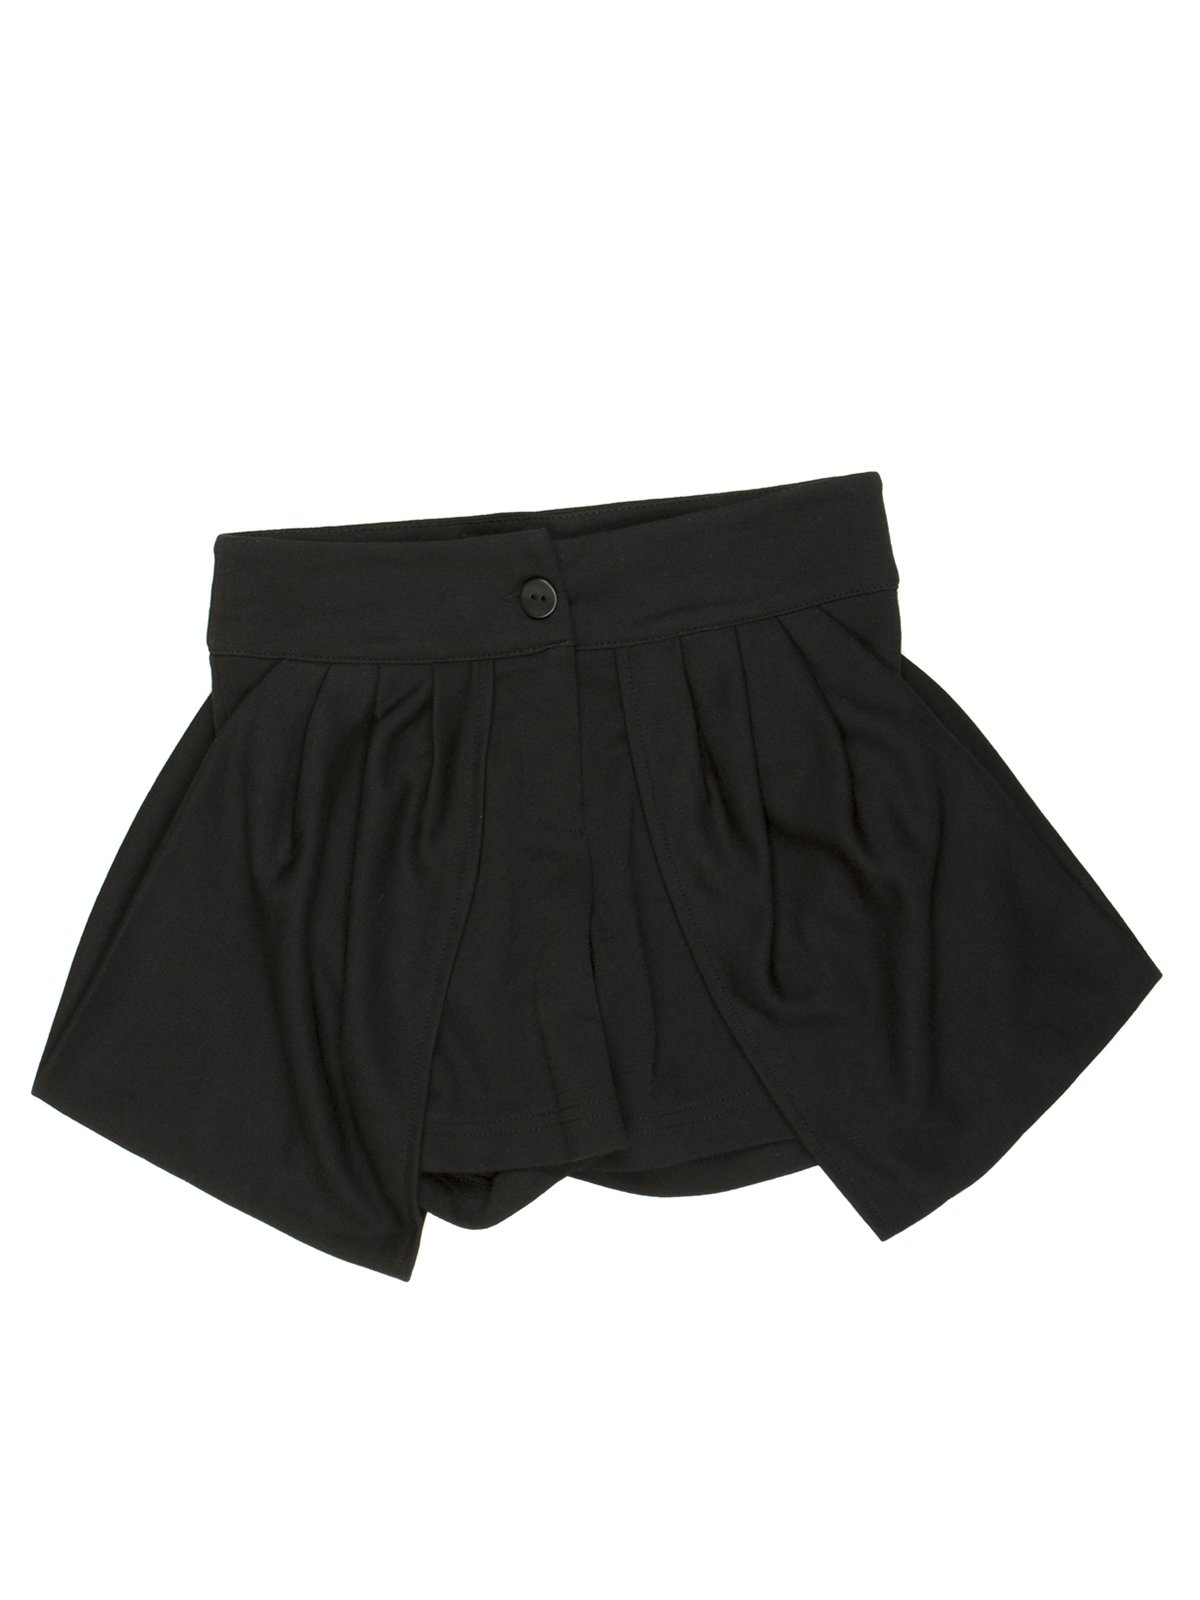 Юбка-шорты черная   449574